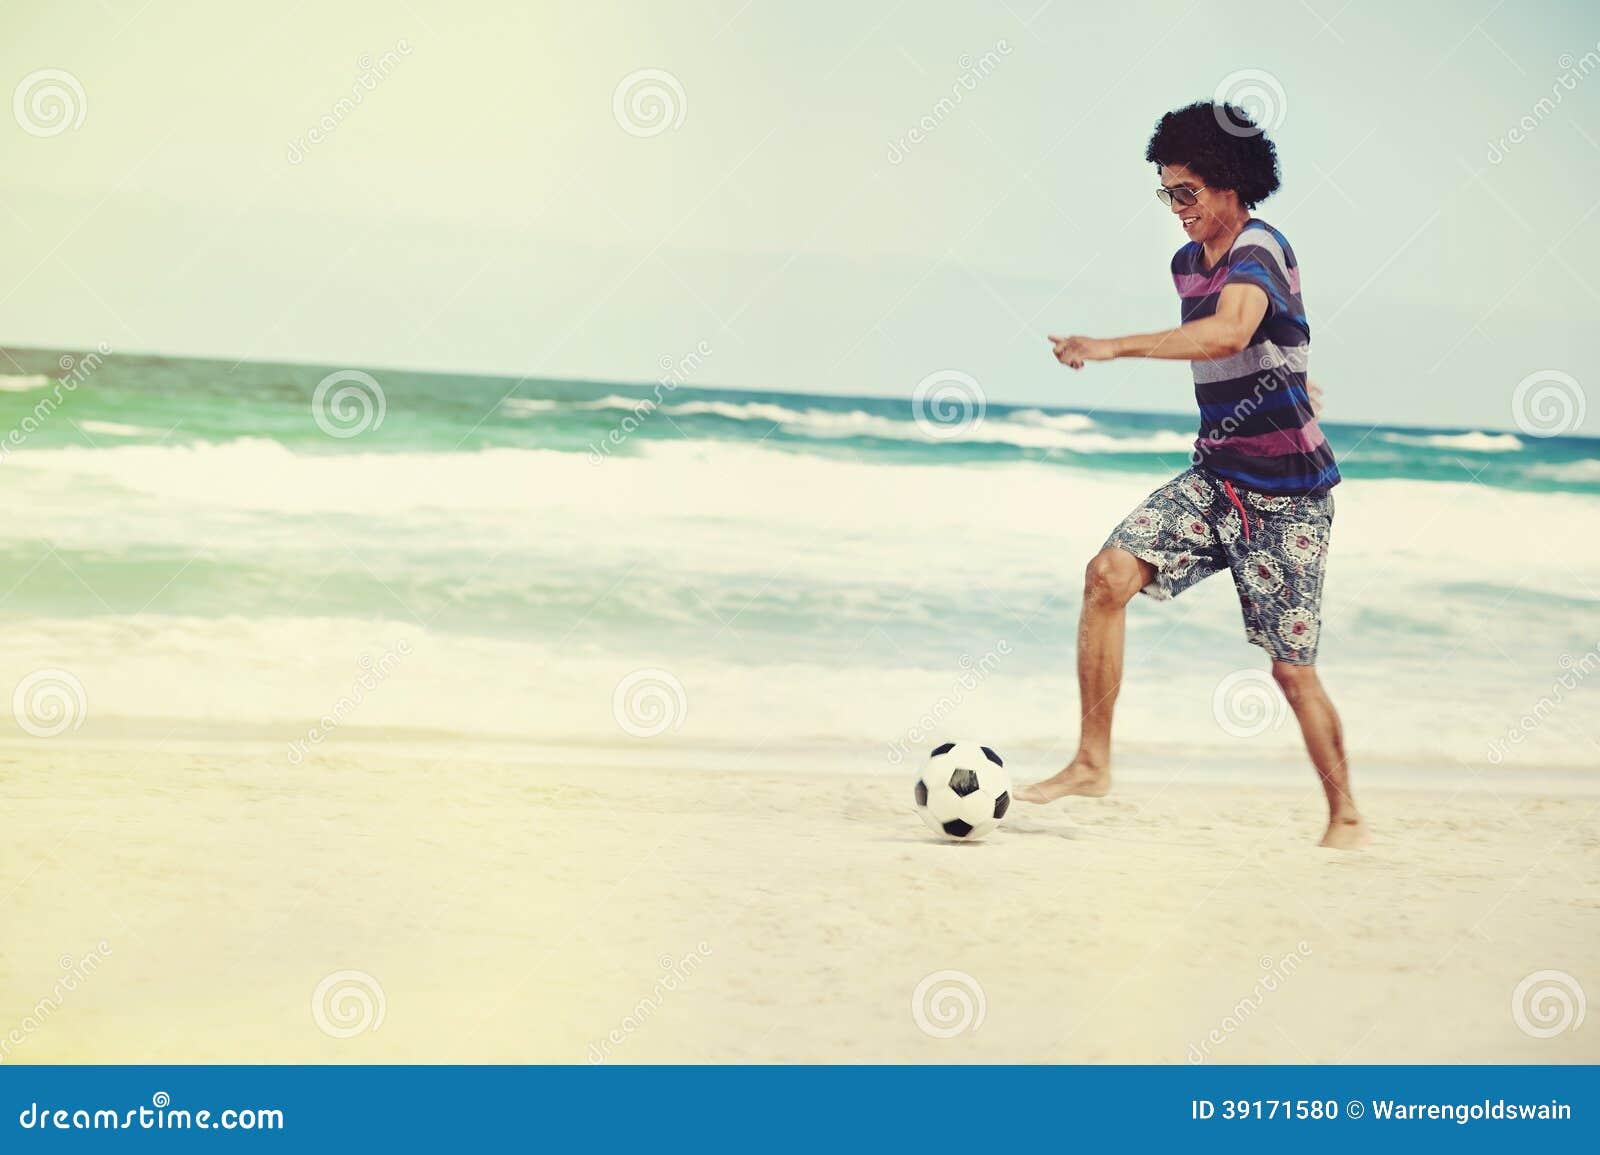 足球技巧海滩图片